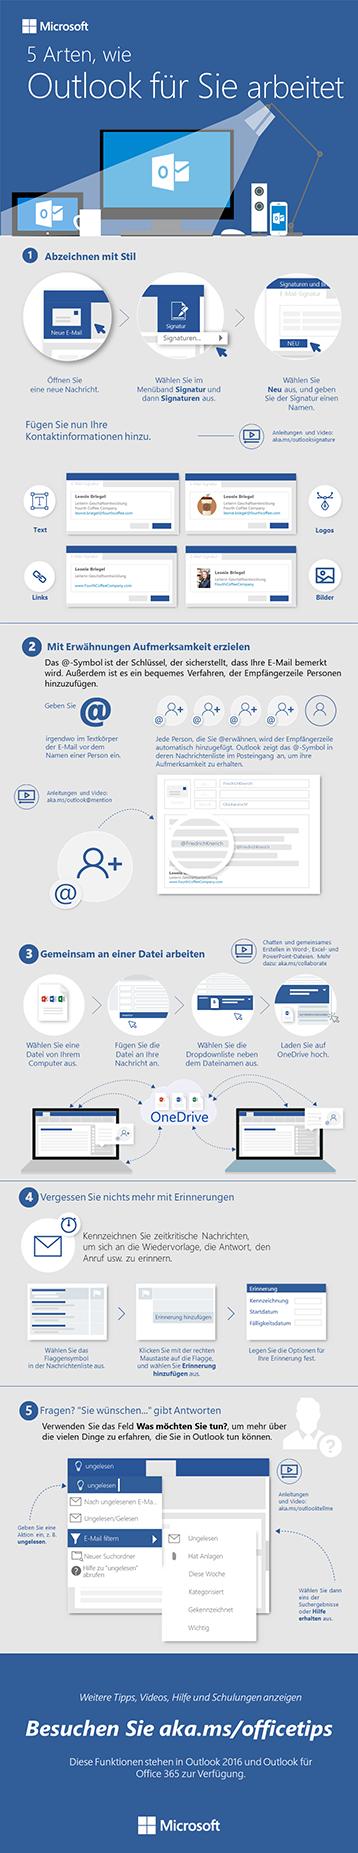 5 Schritte zu einfacherer E-Mail in Outlook 2016